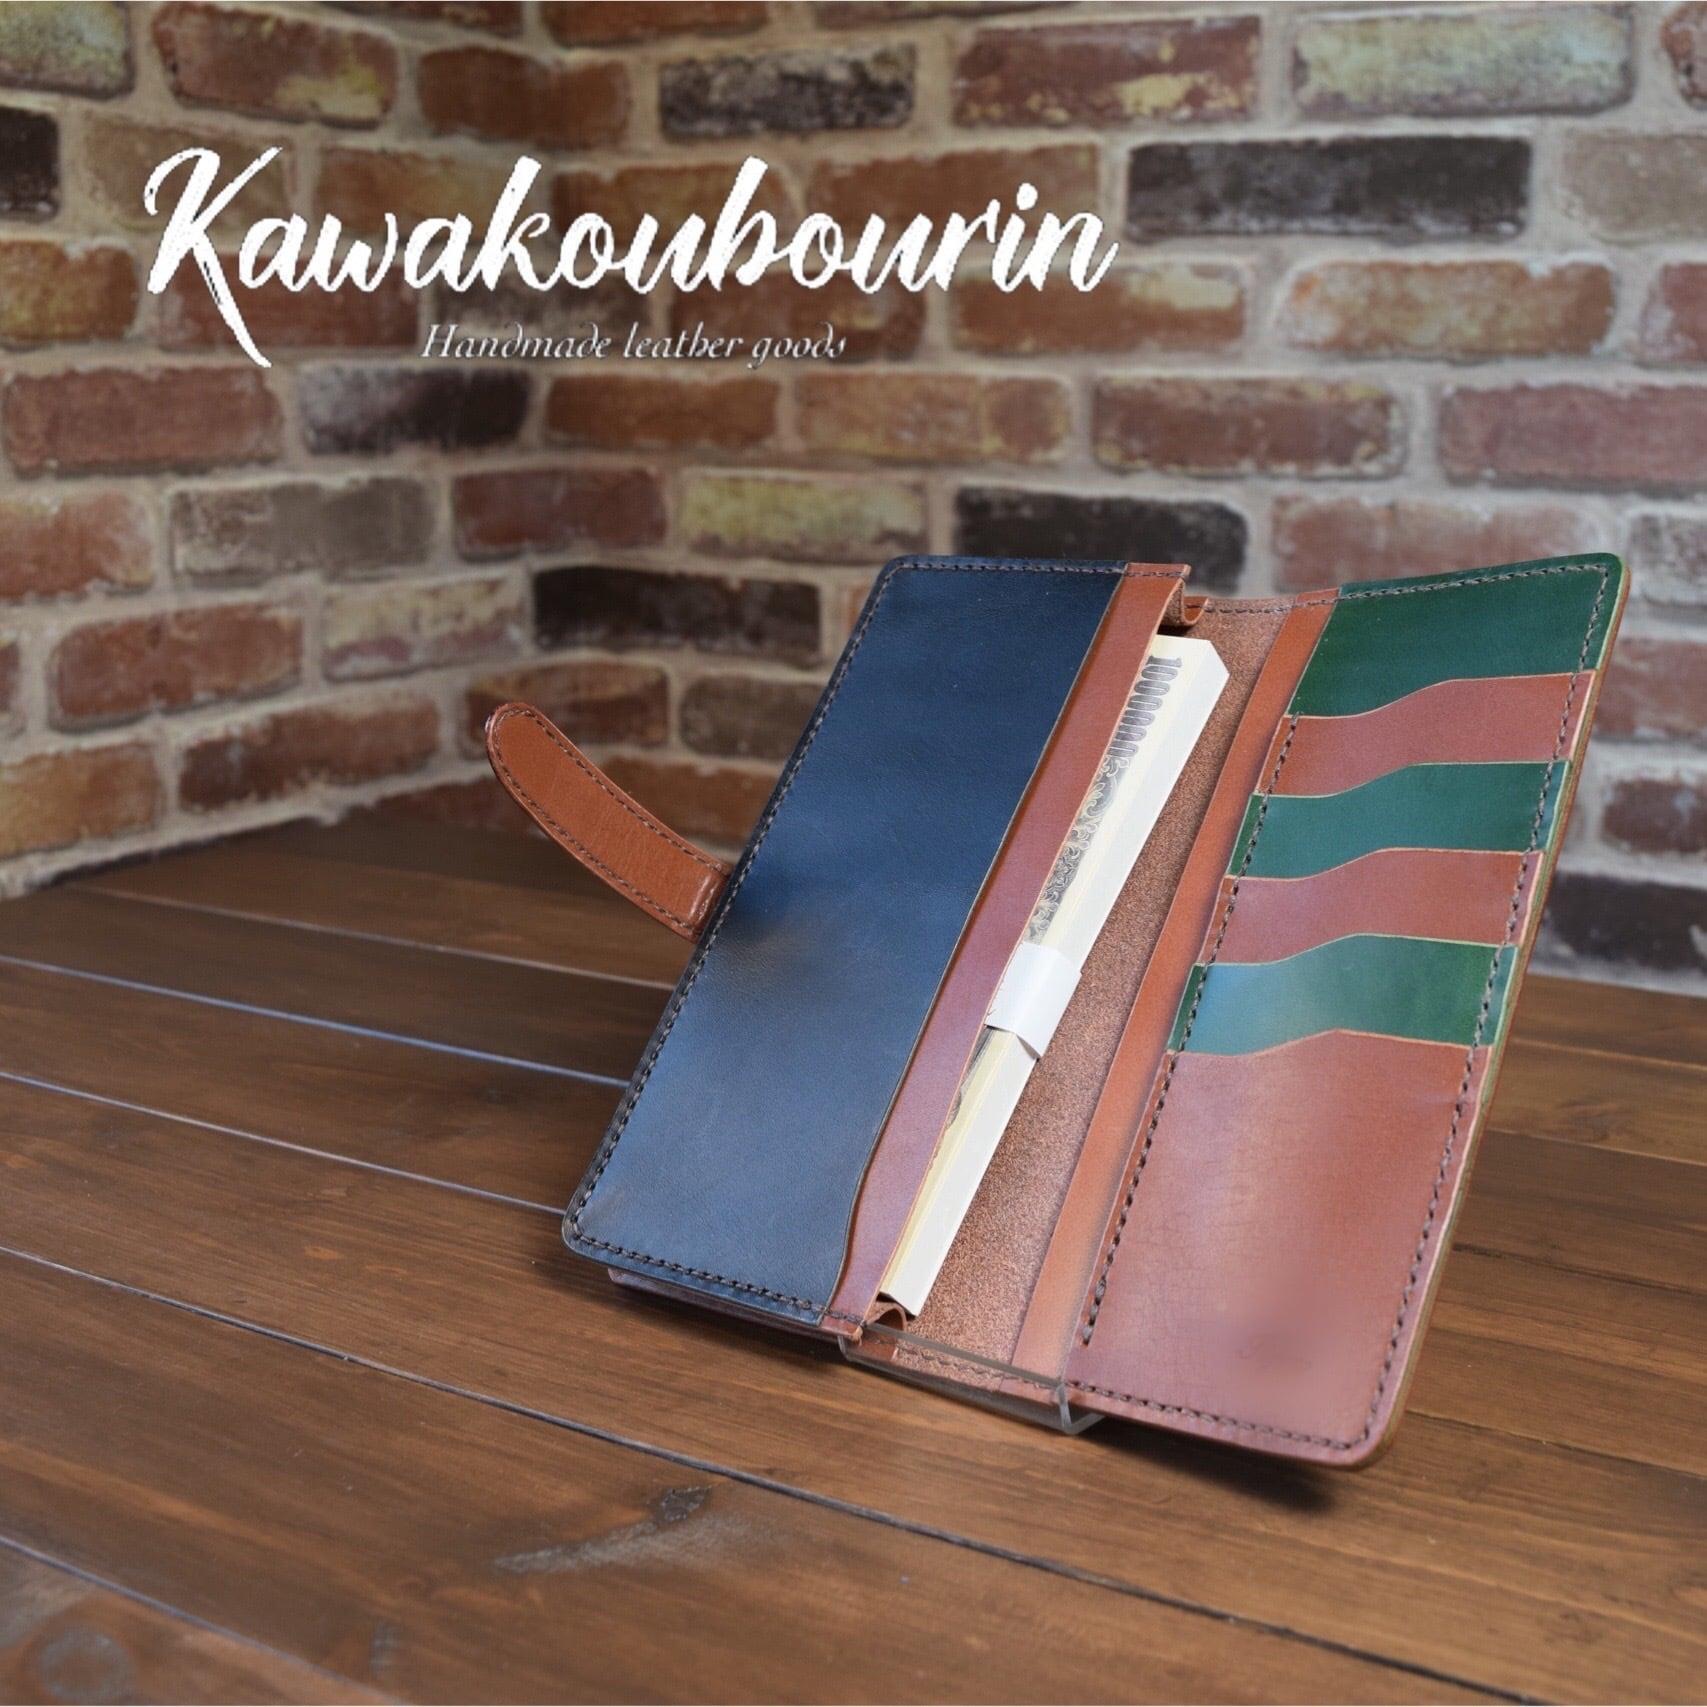 【オーダーメイド制作例】フラップ付き 2つ折り長財布(厚)   (KA208b2)